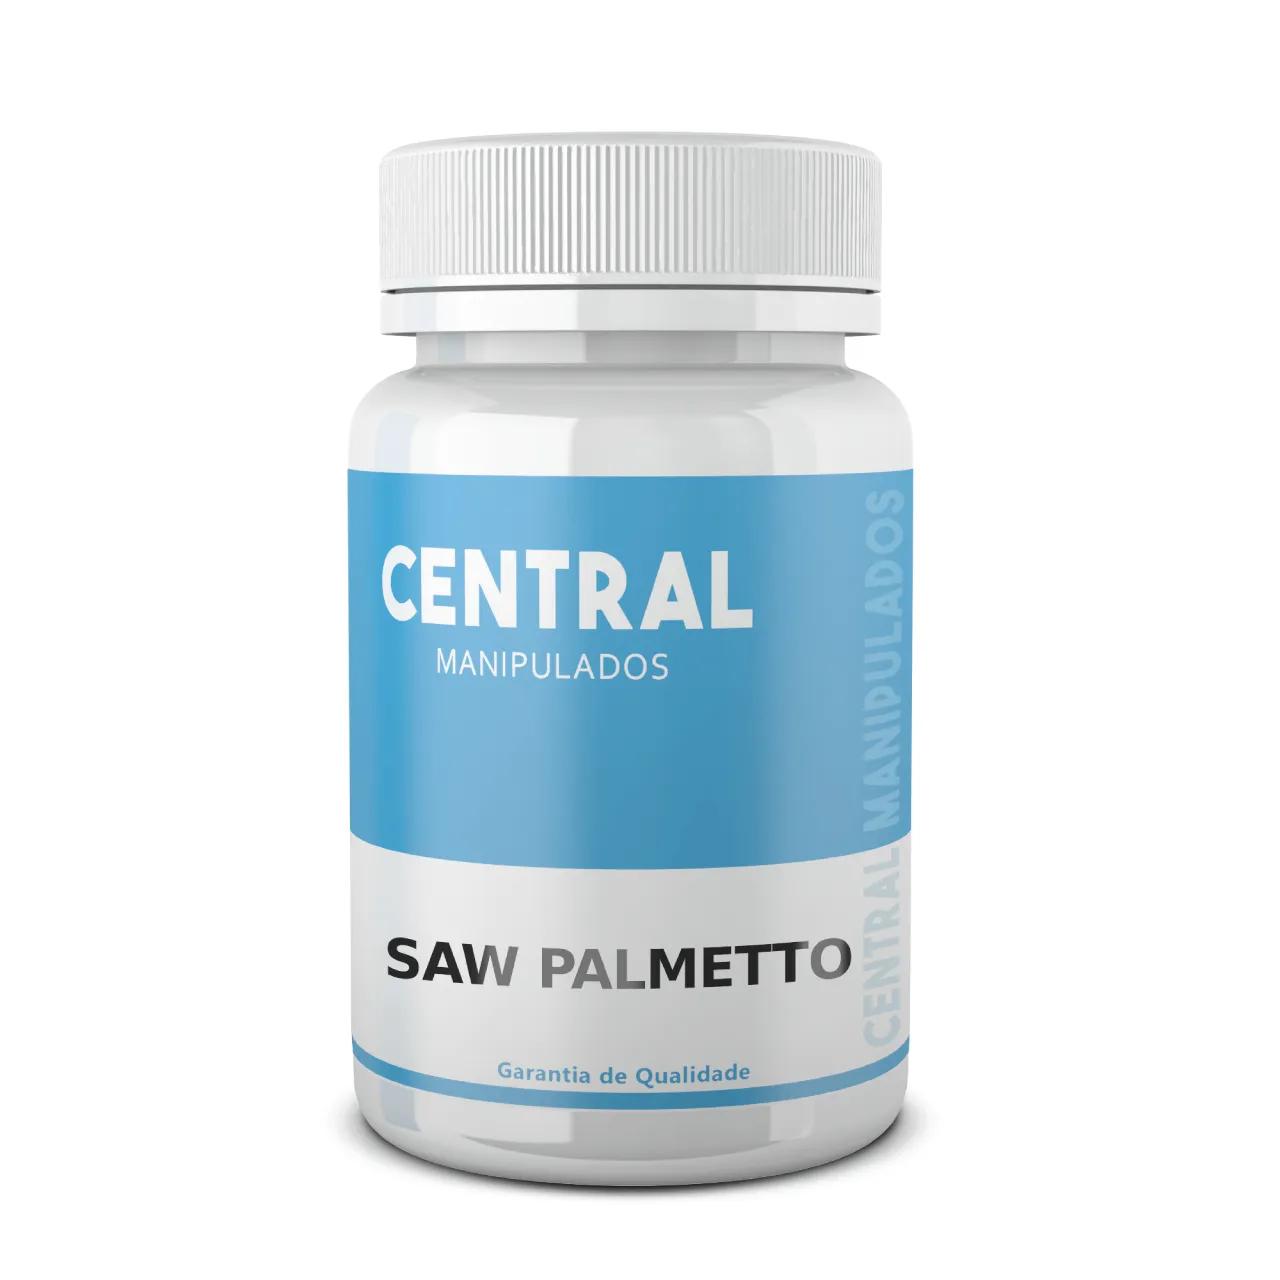 Saw Palmetto 200mg - 90 Cápsulas - Prevenção de doenças da Próstata, Hiperplasia Benigna de Próstata (HPB), Desordem dos sistemas urinário e genital